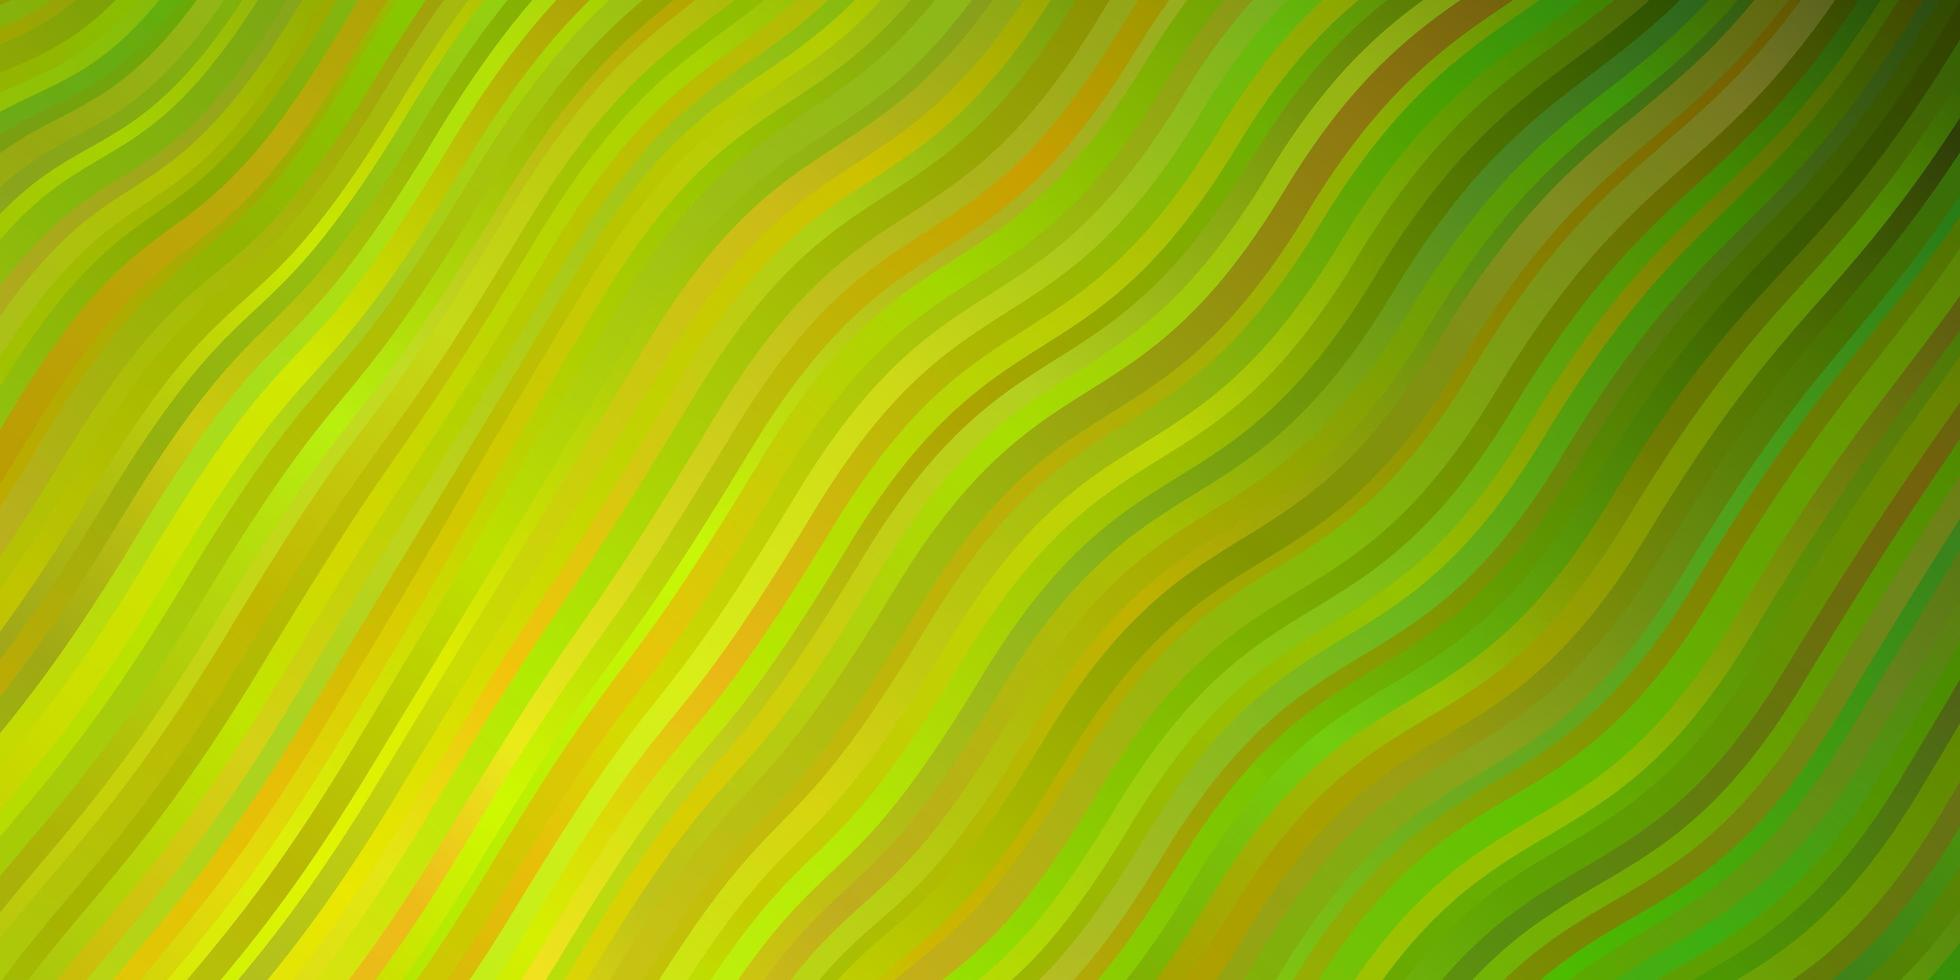 ljusgrön, gul vektormall med linjer. vektor